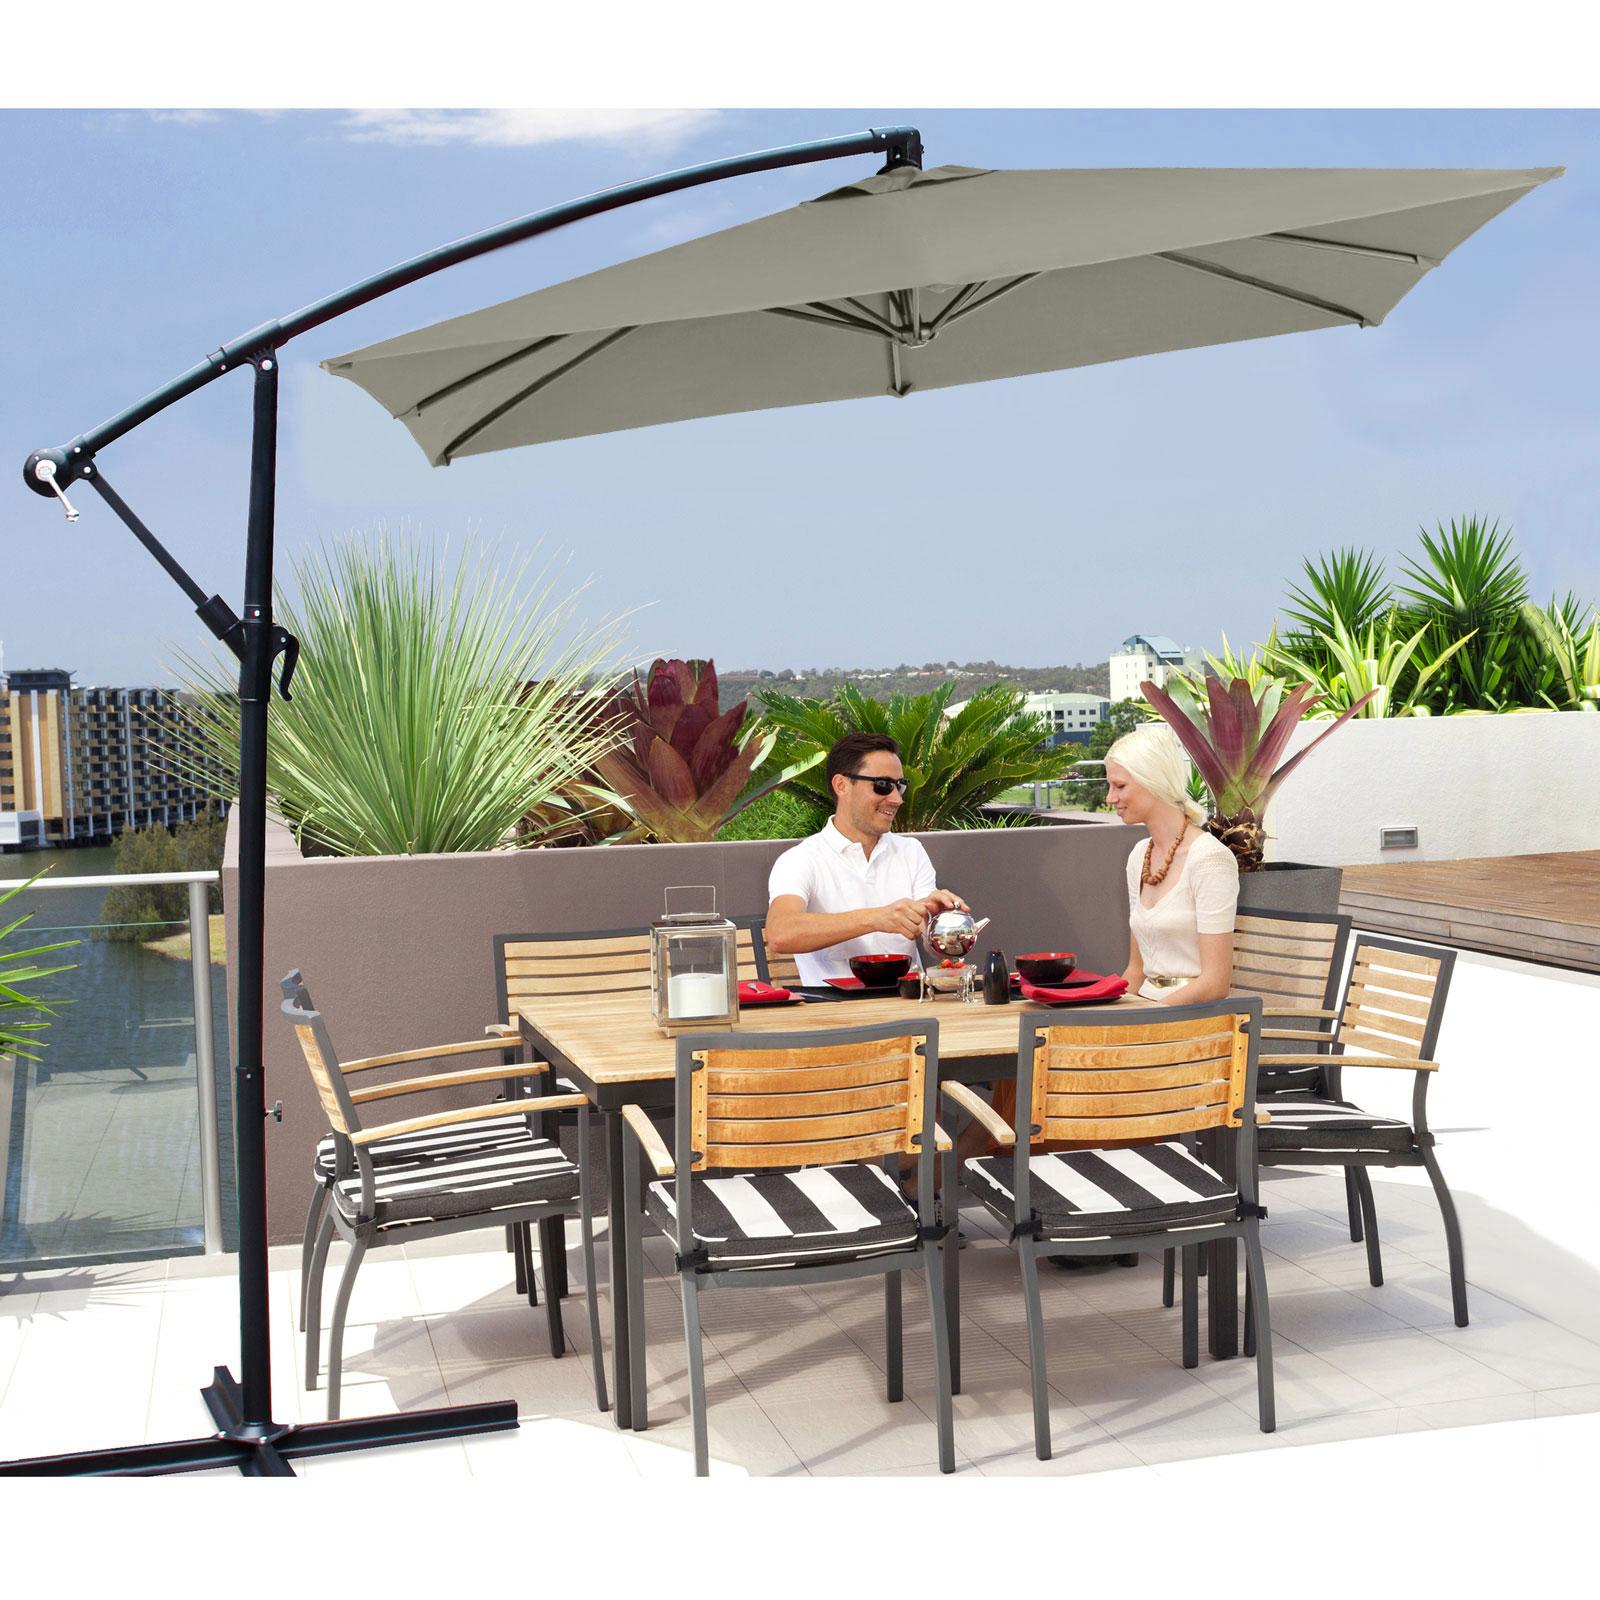 Milano-2-2M-Outdoor-Umbrella-Cantilever-Garden-Deck-Patio-Shade-Water-Resistant thumbnail 21